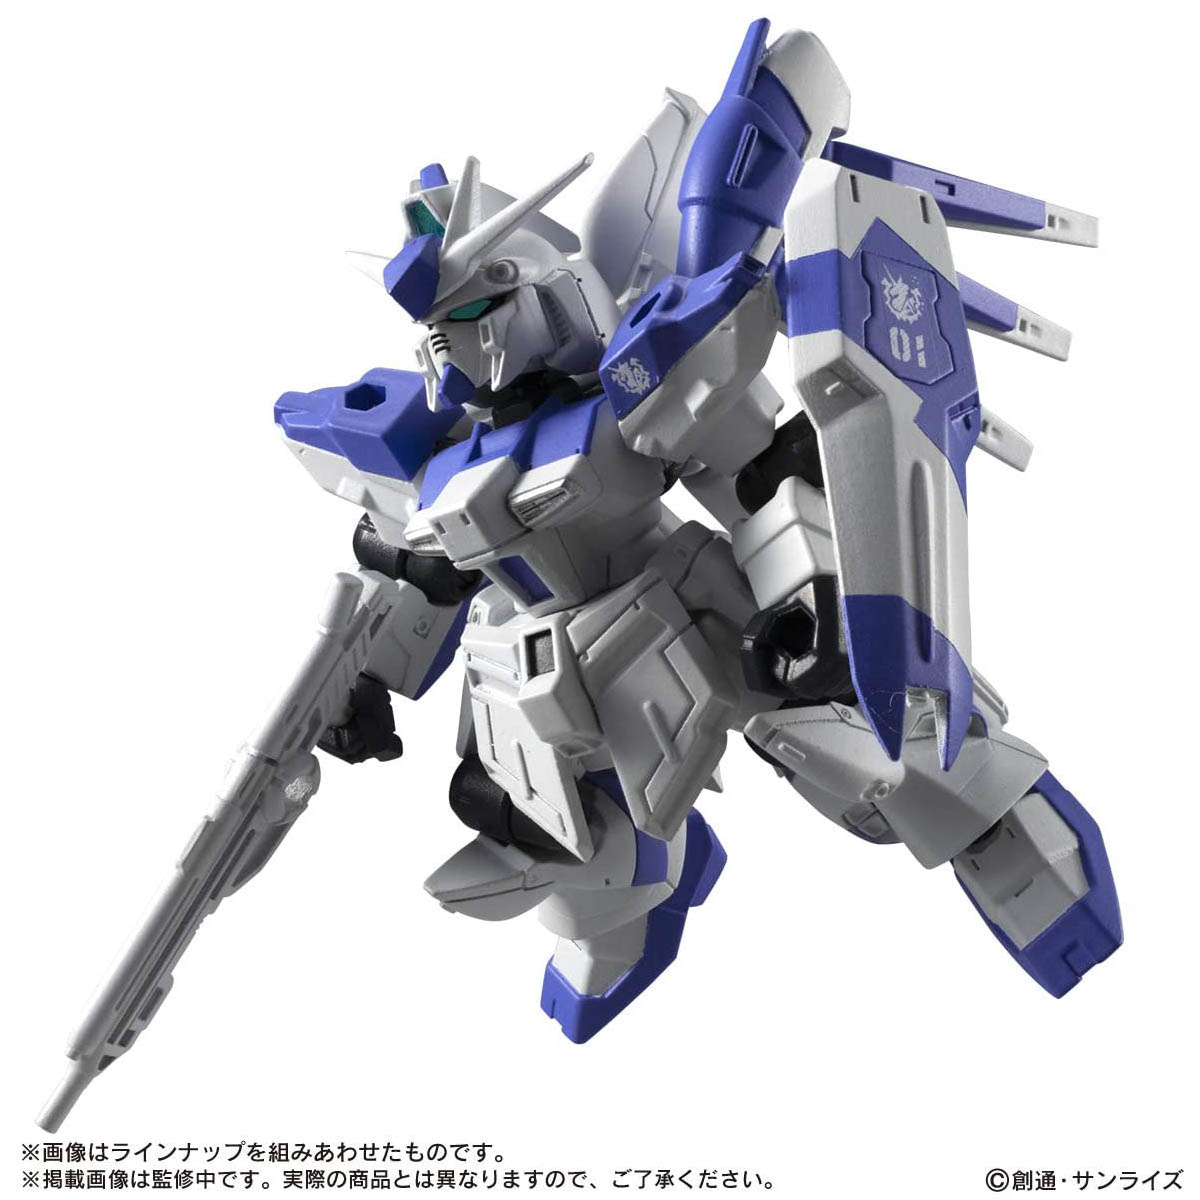 機動戦士ガンダム『MOBILE SUIT ENSEMBLE16』デフォルメ可動フィギュア 10個入りBOX-006